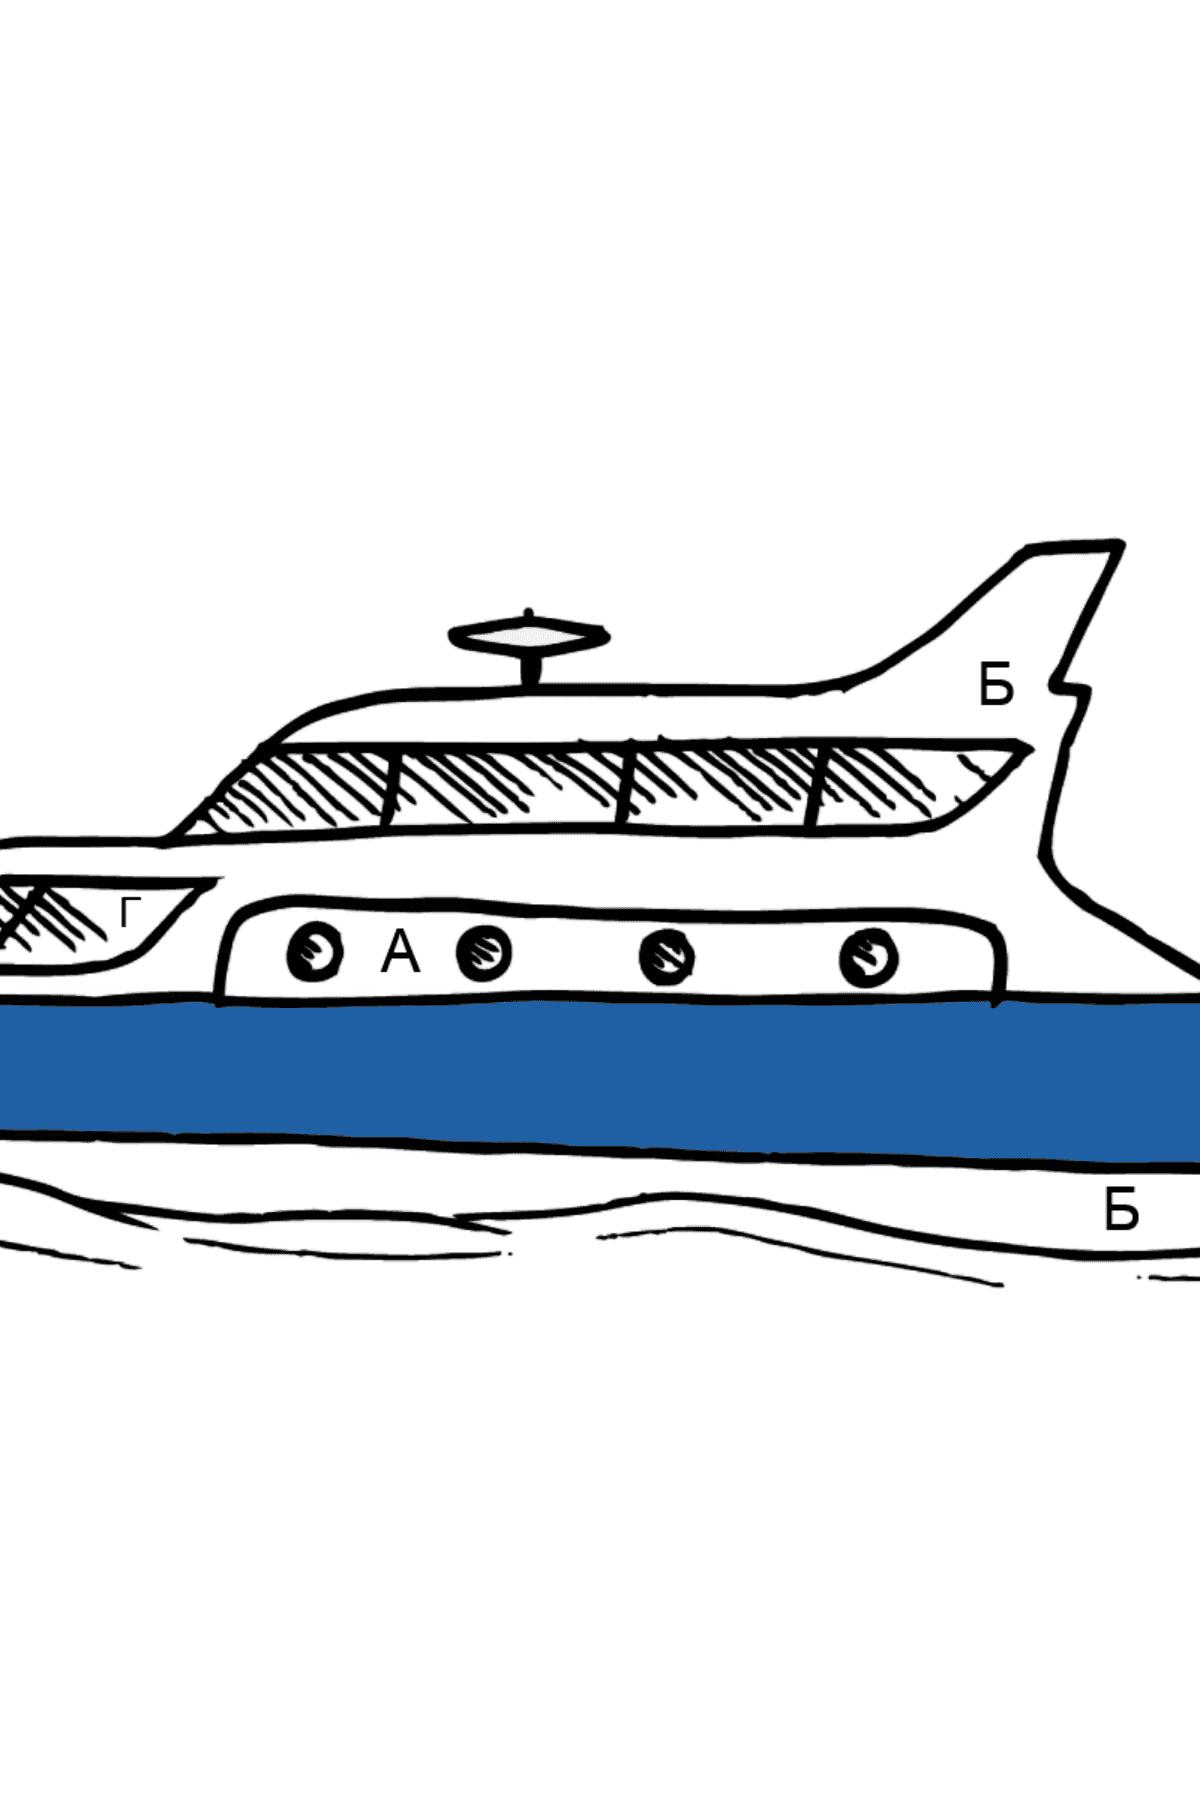 Раскраска яхта - Раскраска по Буквам для Детей